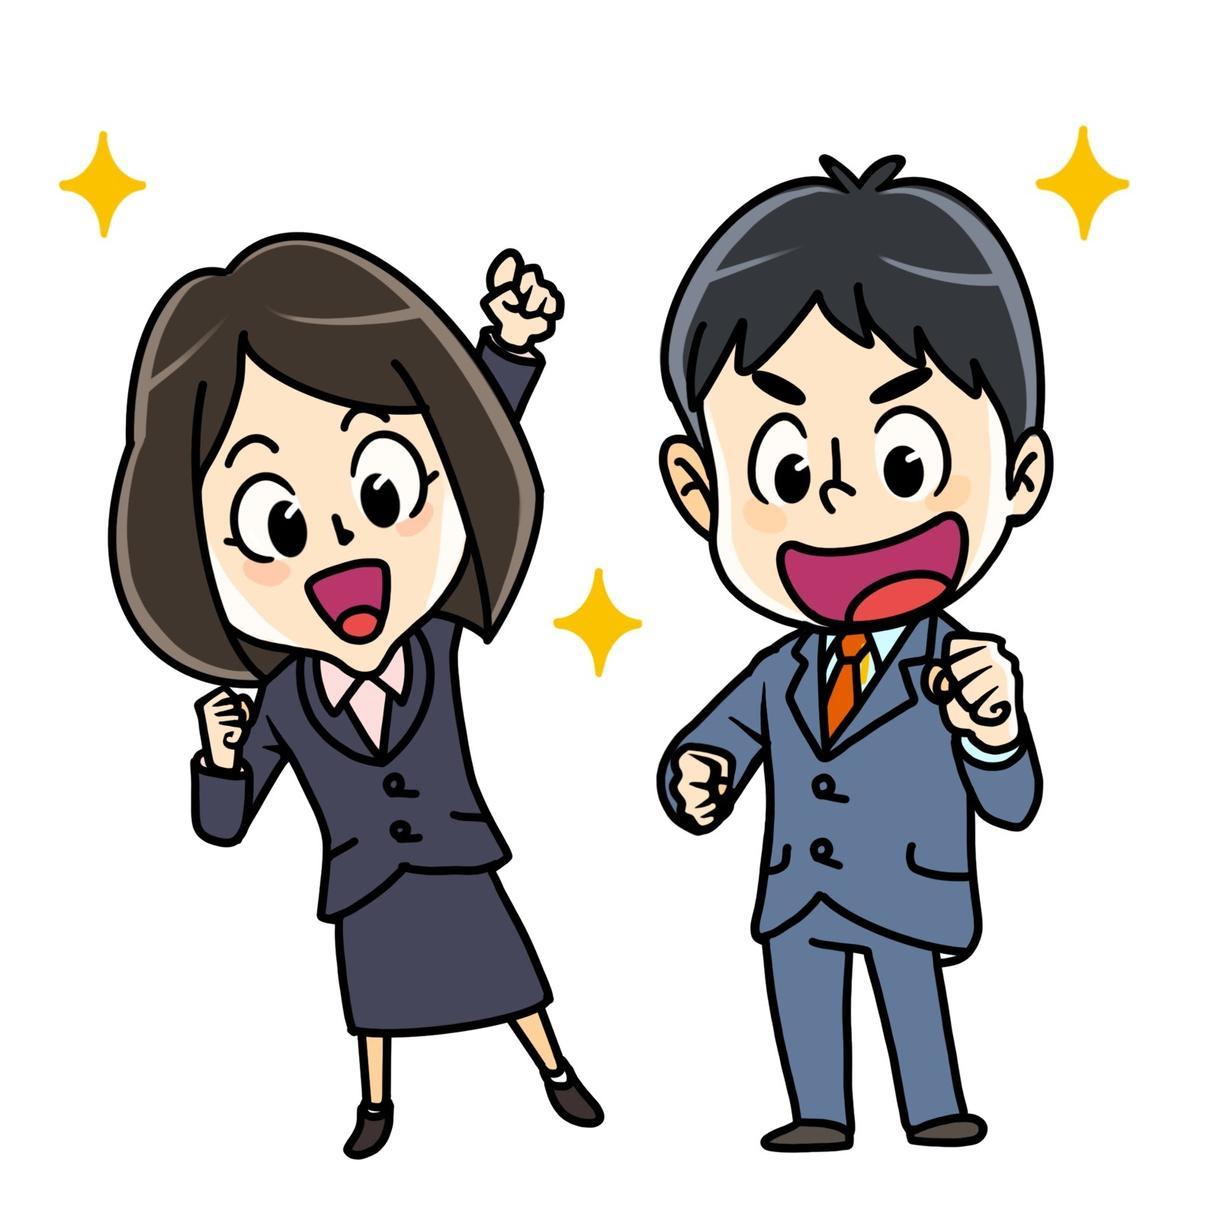 かわいい漫画風の似顔絵描きます SNSアイコン、名刺、ウェルカムボード│漫画キャラクター風 イメージ1